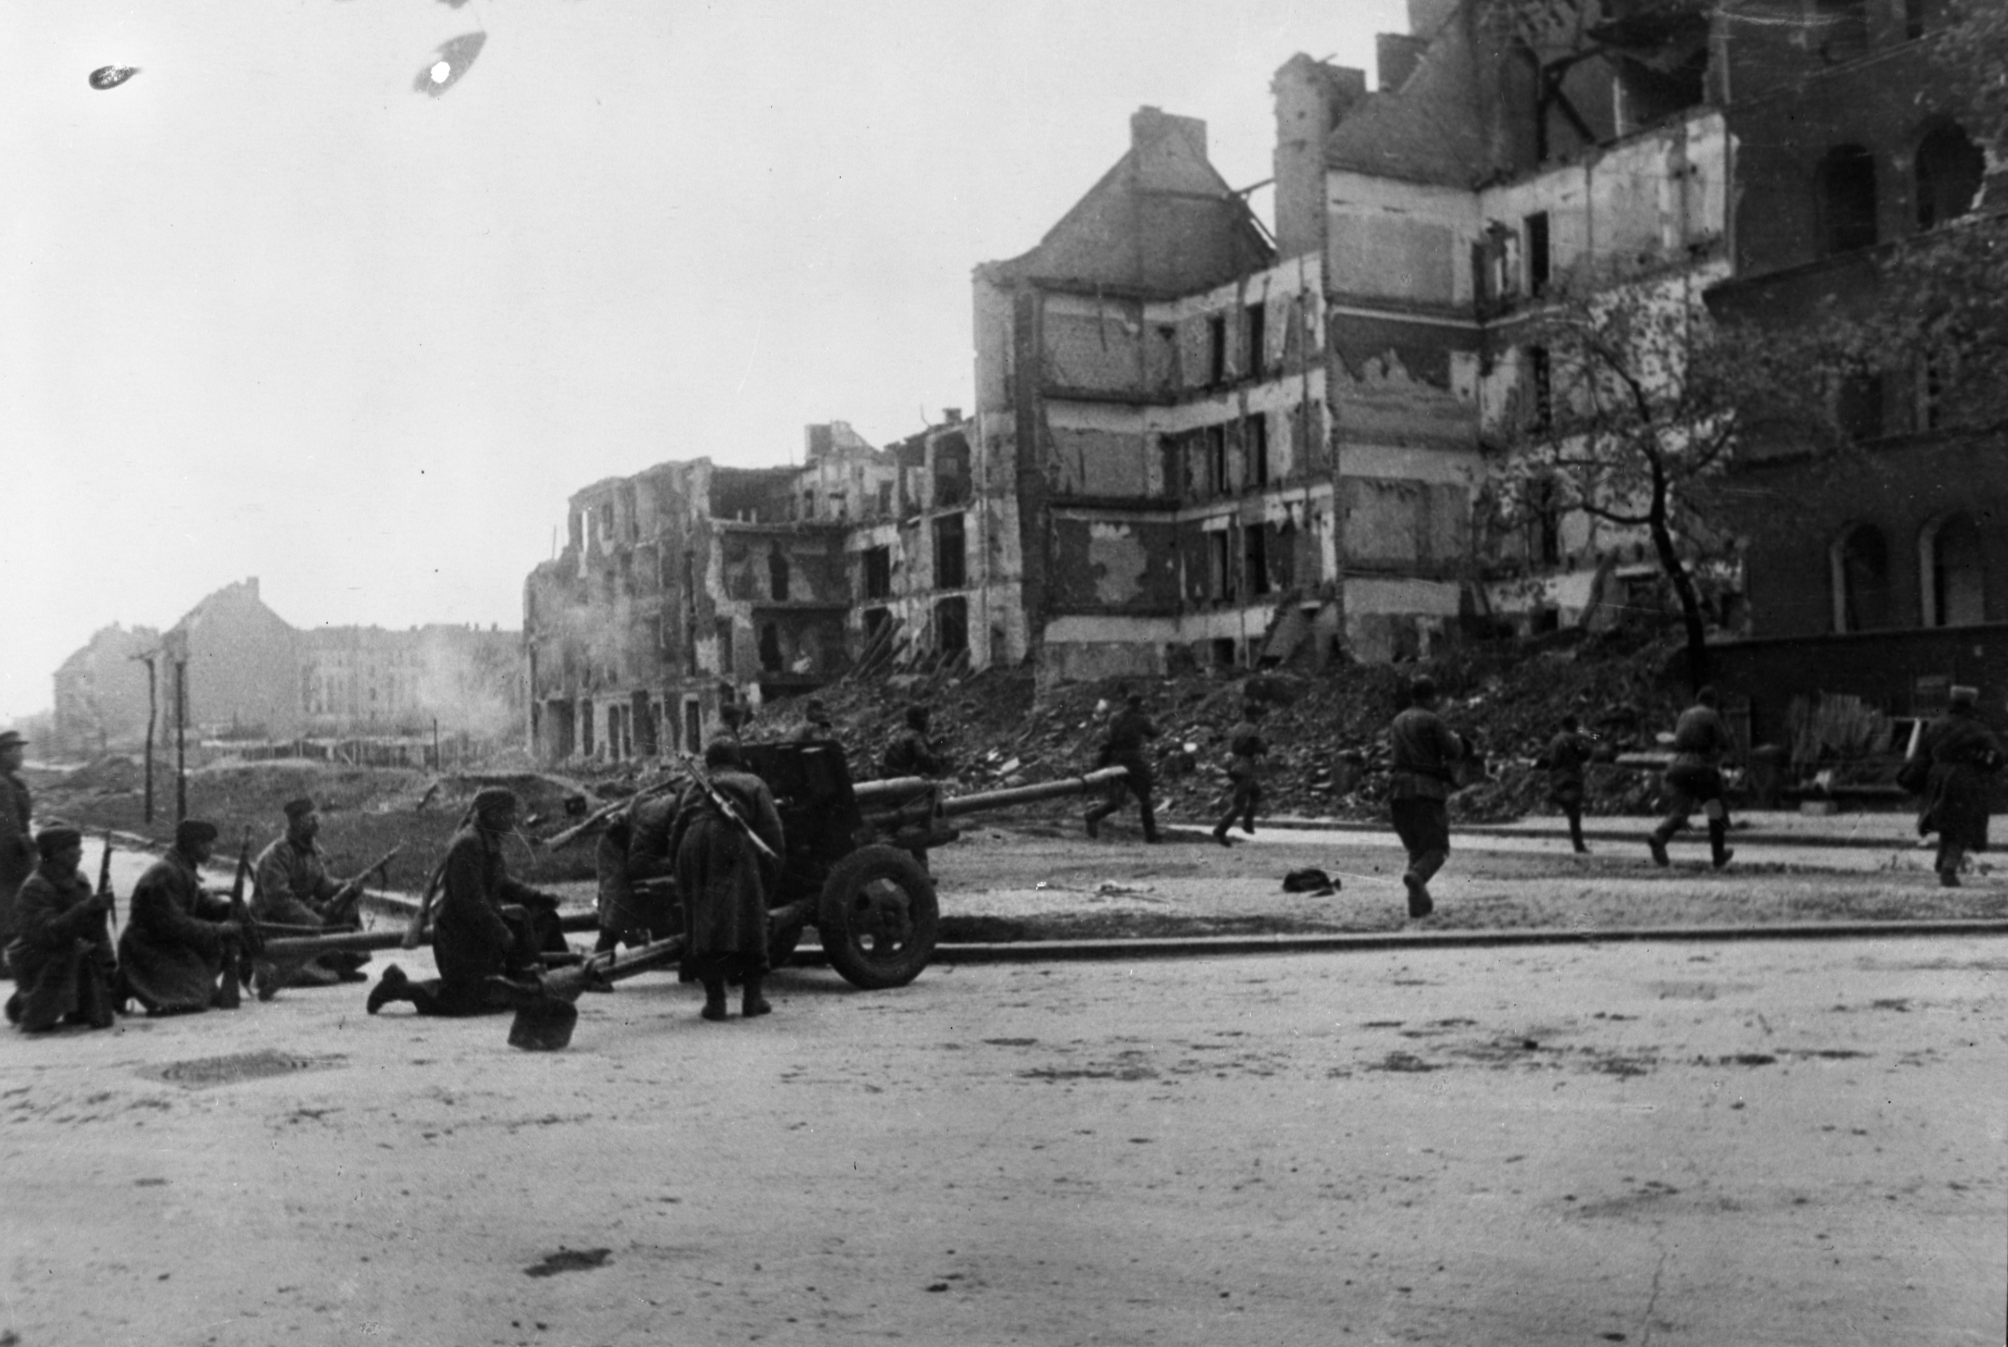 Бои в Берлине. Стремительными атаками и сразу с нескольких направлений штурмующие части Красной Армии рассекали группировку противника и уничтожали ее по частям. Дата съемки – май 1945 г. фотограф – Рюмкин.